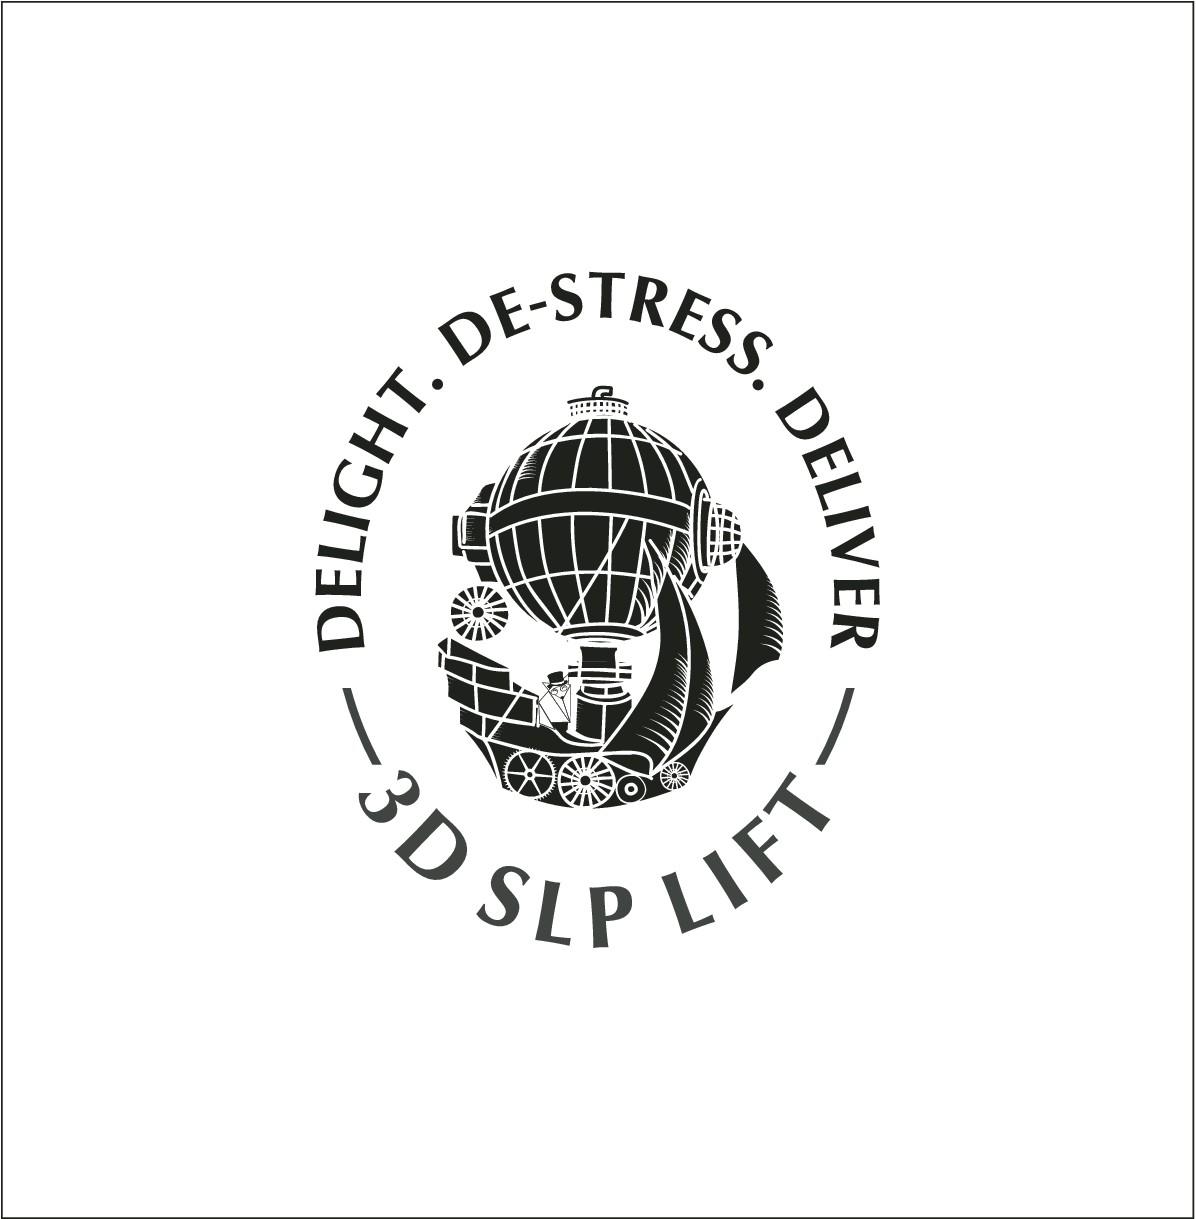 3D SLP LIFT